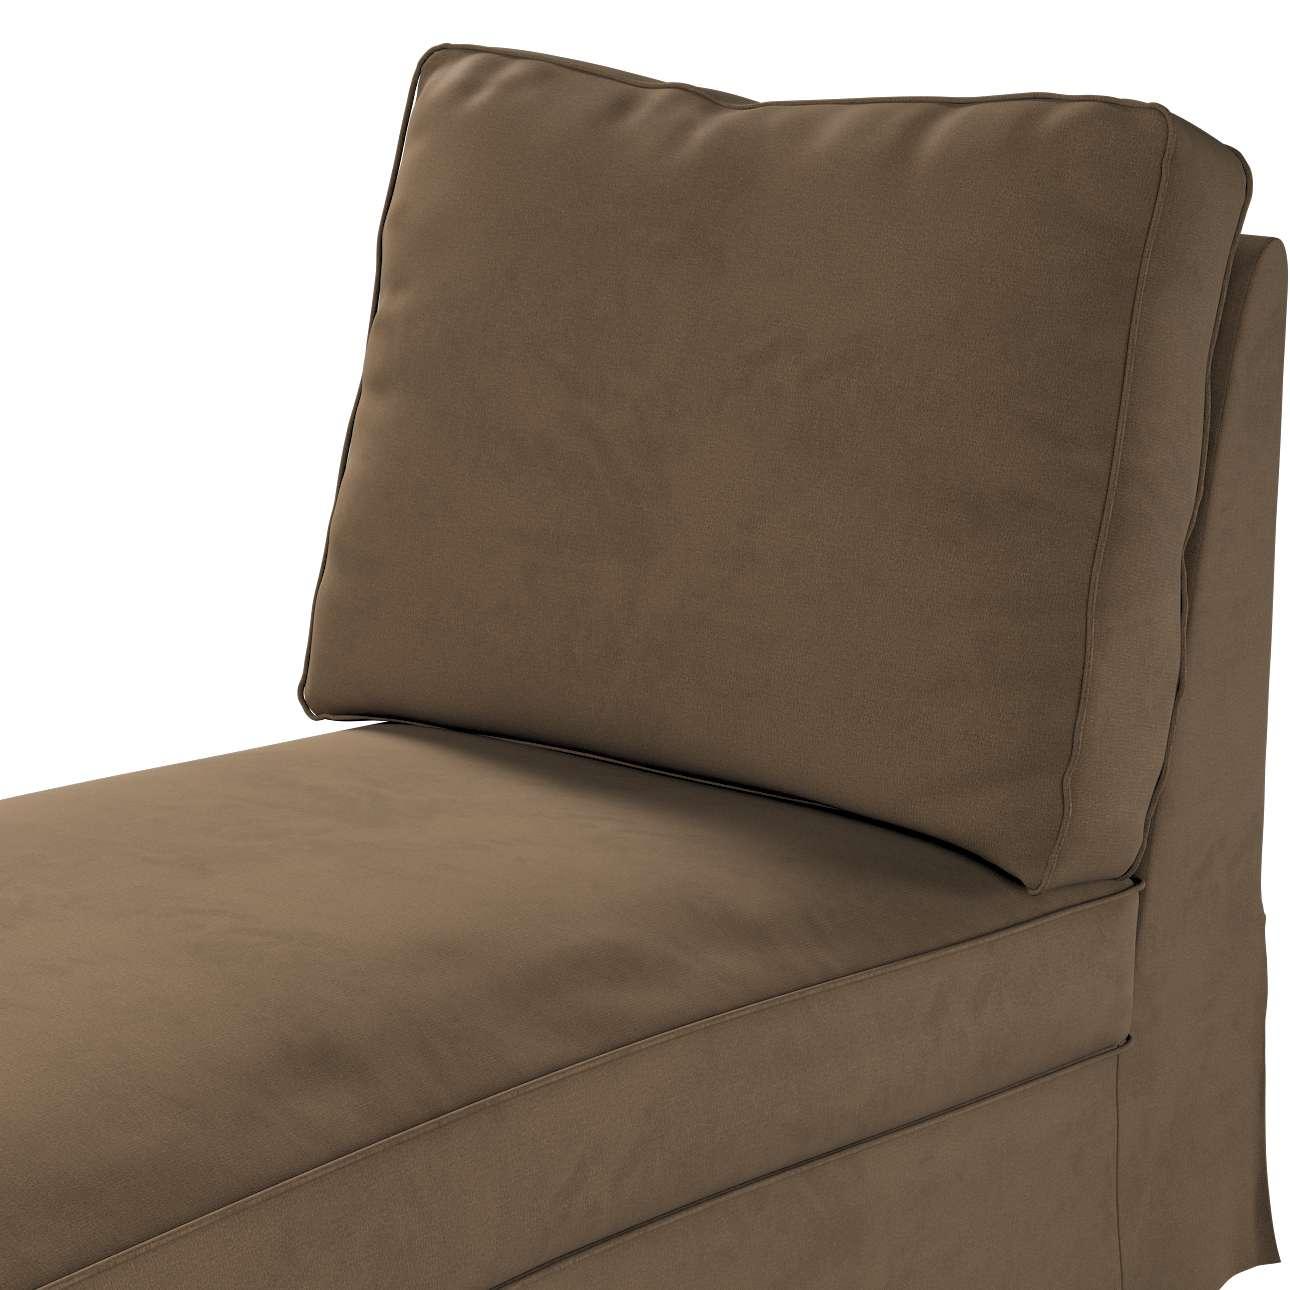 Pokrowiec na szezlong/ leżankę Ektorp wolnostojący prosty tył w kolekcji Living, tkanina: 160-94